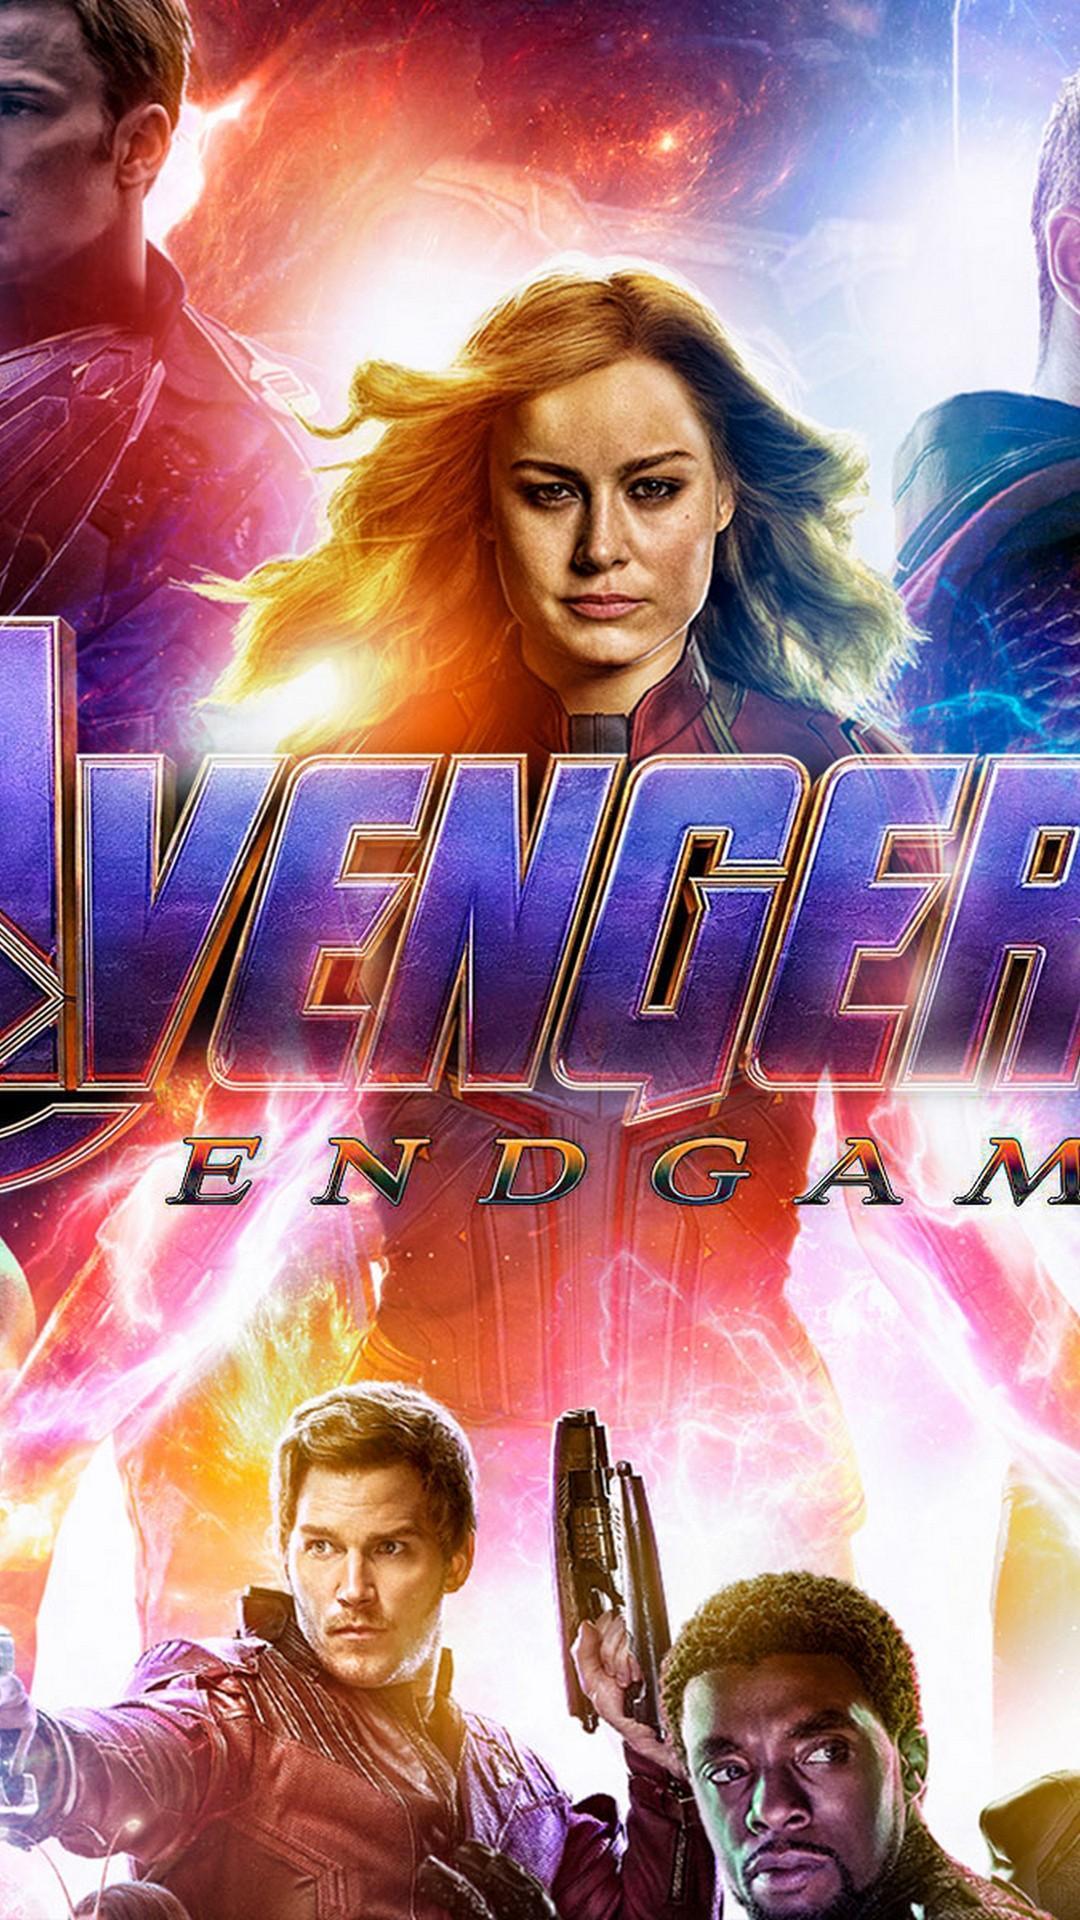 Marvel's Avengers: Endgame Wallpapers - Wallpaper Cave